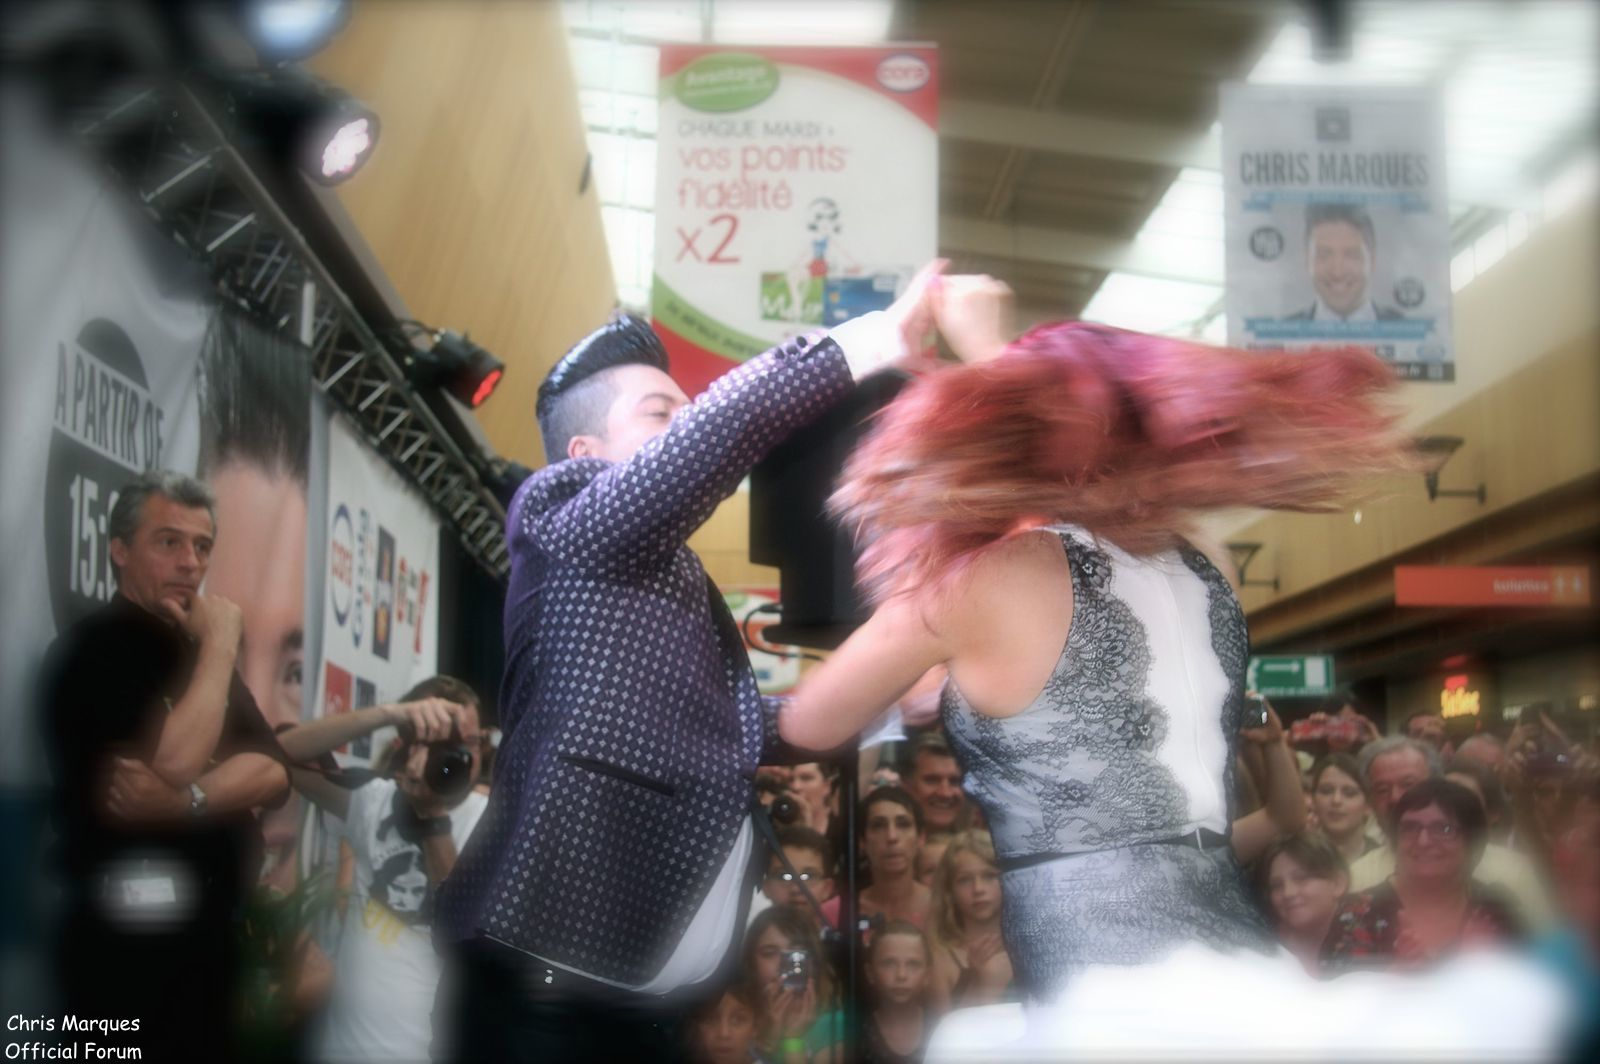 [14.06.2014] Evénement à #Colmar Chris Marques et Jaclyn Spencer pour un Flashmob/Cours de Danse/Dédicaces exceptionnels le tout organisé par la MJC de Colmar 13011